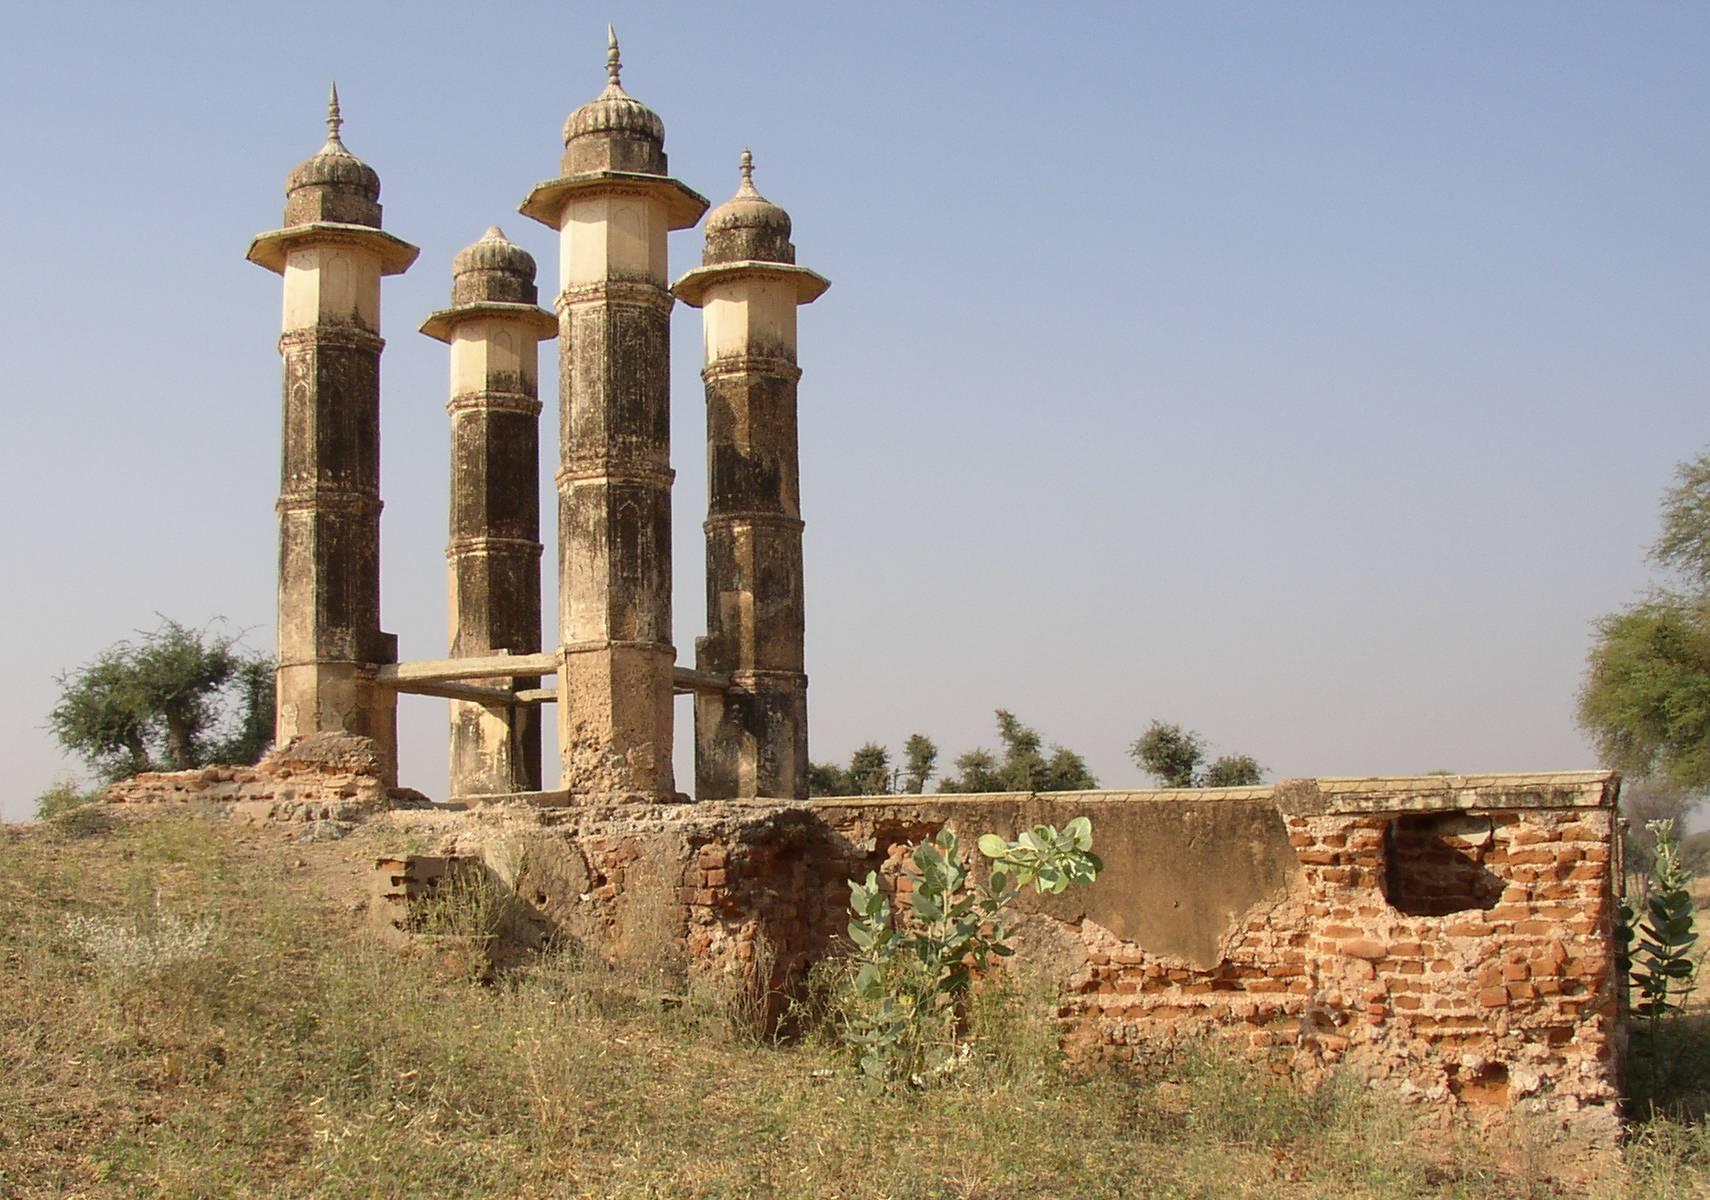 Mandawa Village in Rajasthan